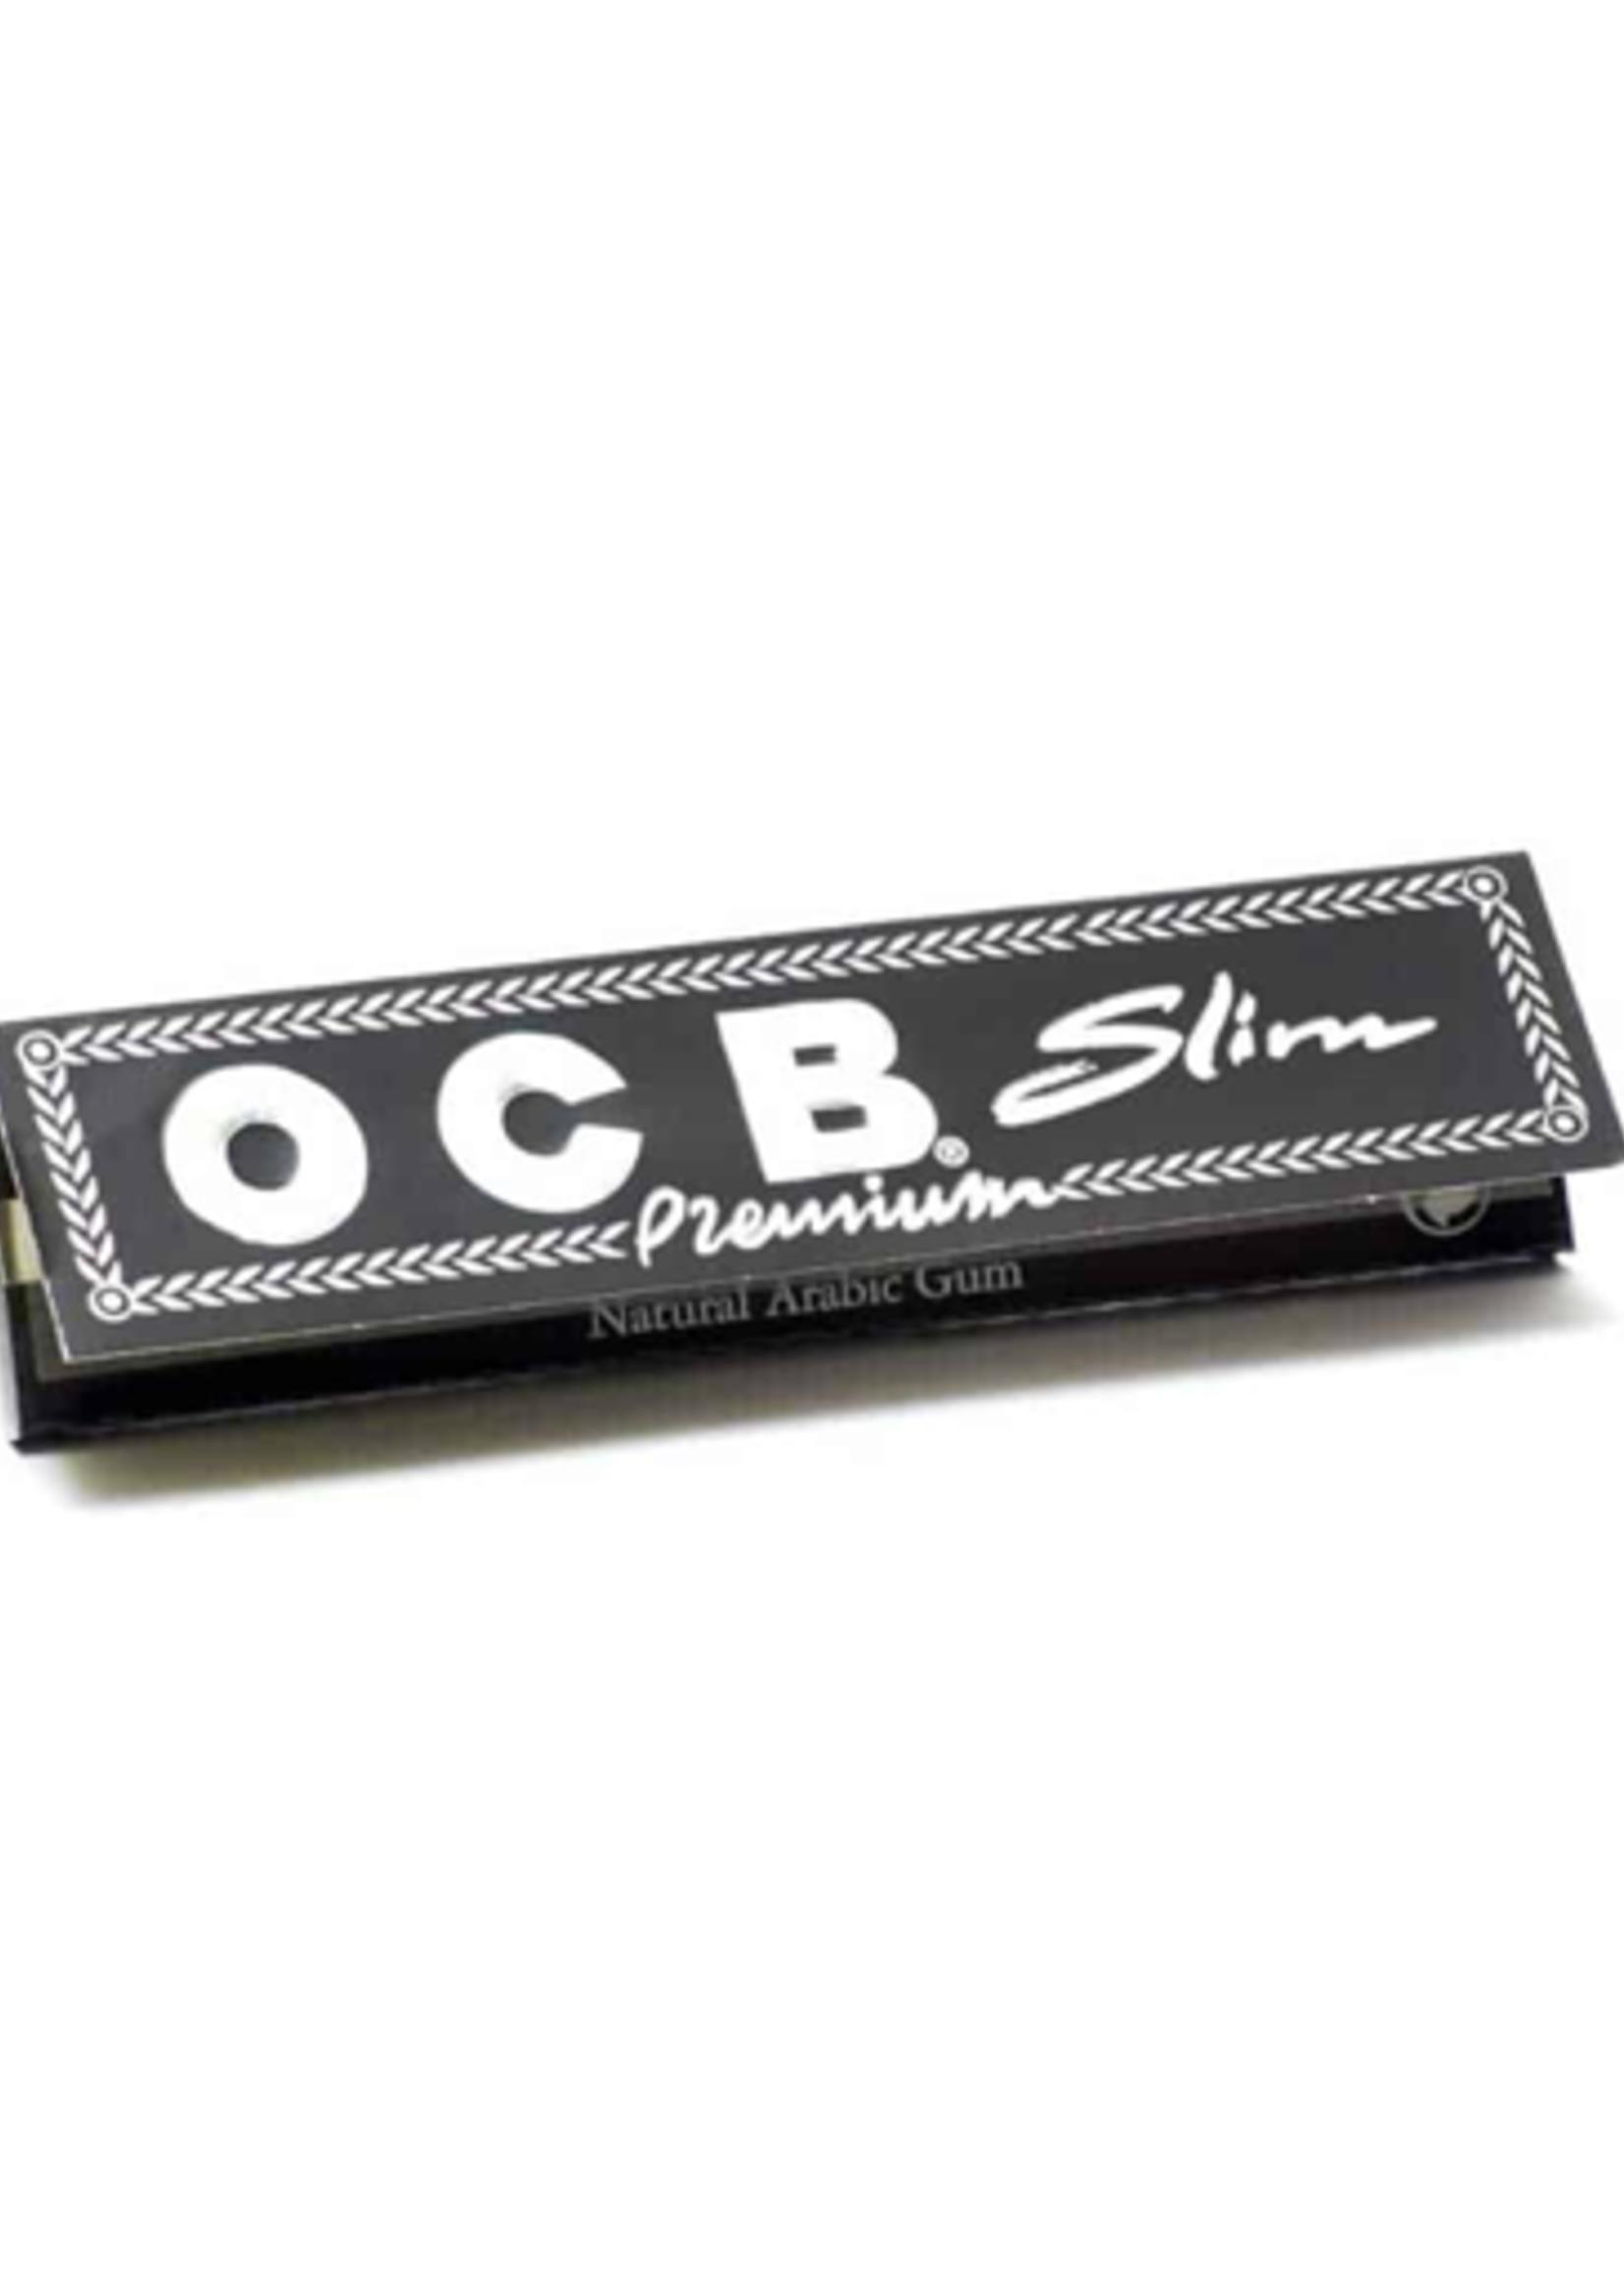 OCB - Slim premium paper & tips